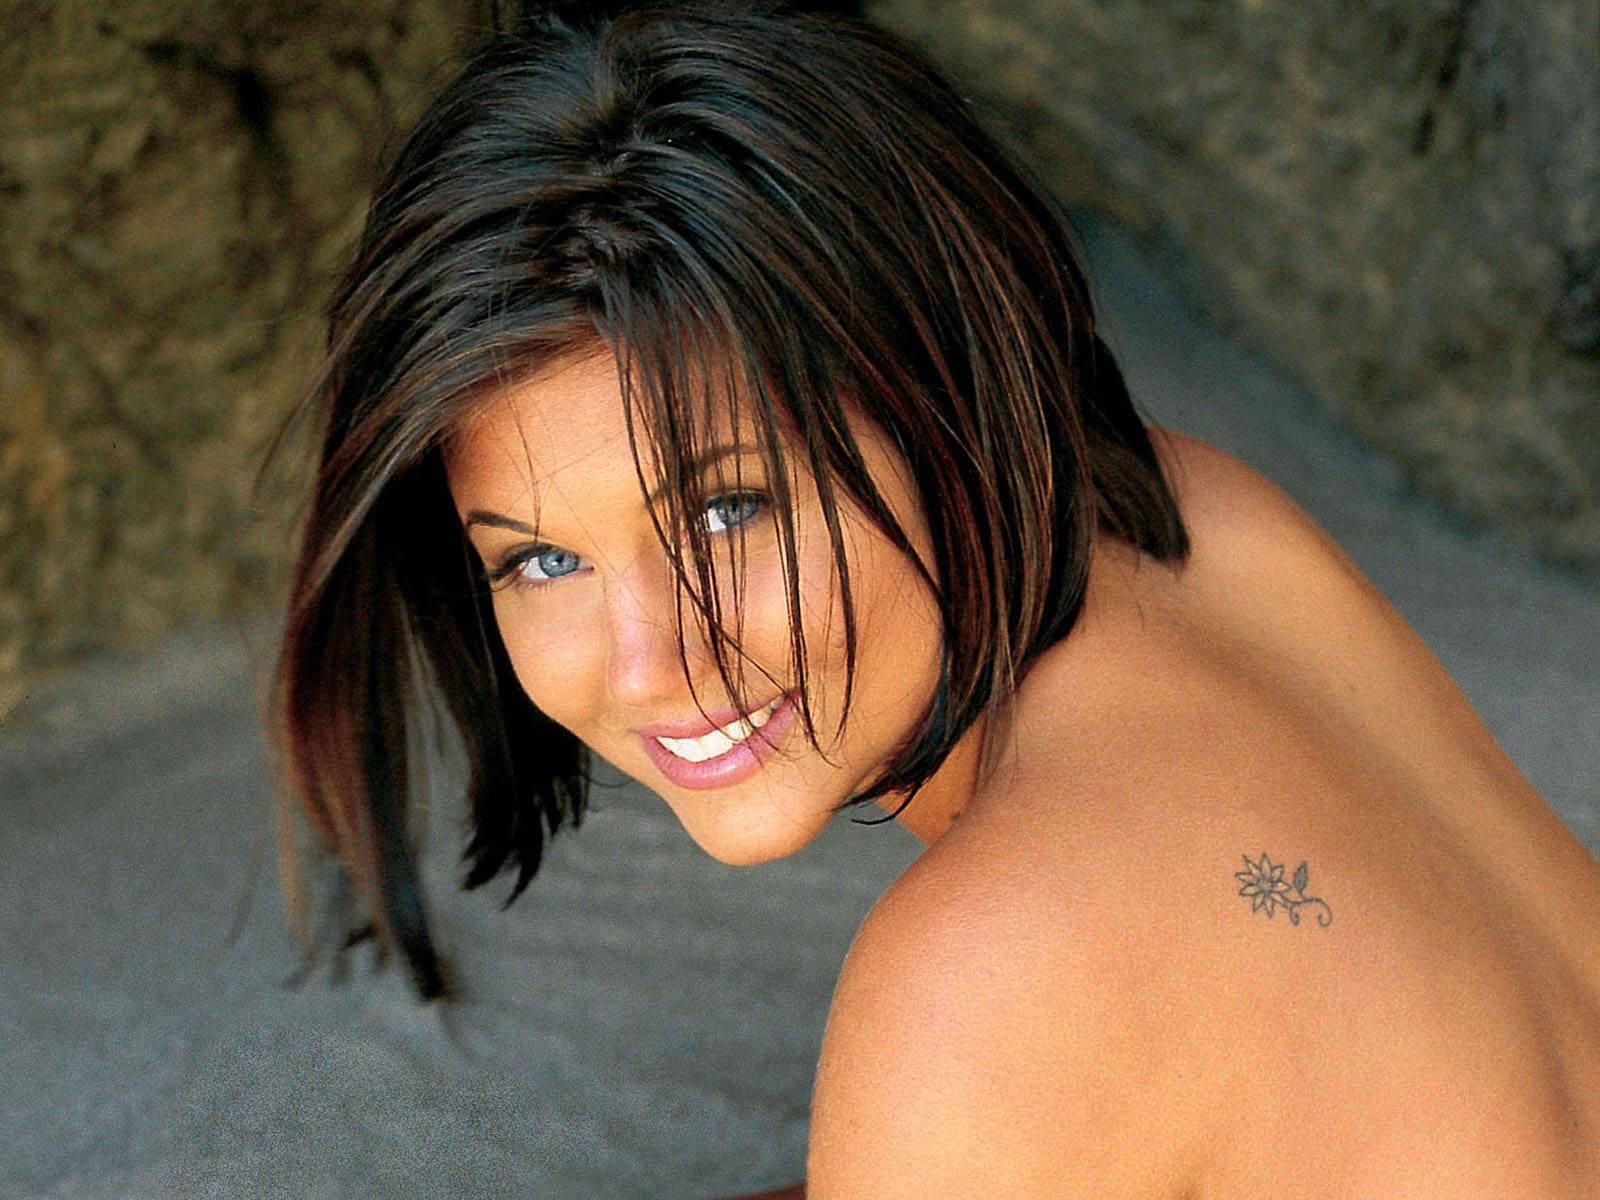 http://4.bp.blogspot.com/_BpAoKRSdVjQ/TOvcBnQkGwI/AAAAAAAAC_0/0JzSbueLY9k/s1600/tiffani_amber_thiessen_smile.jpg